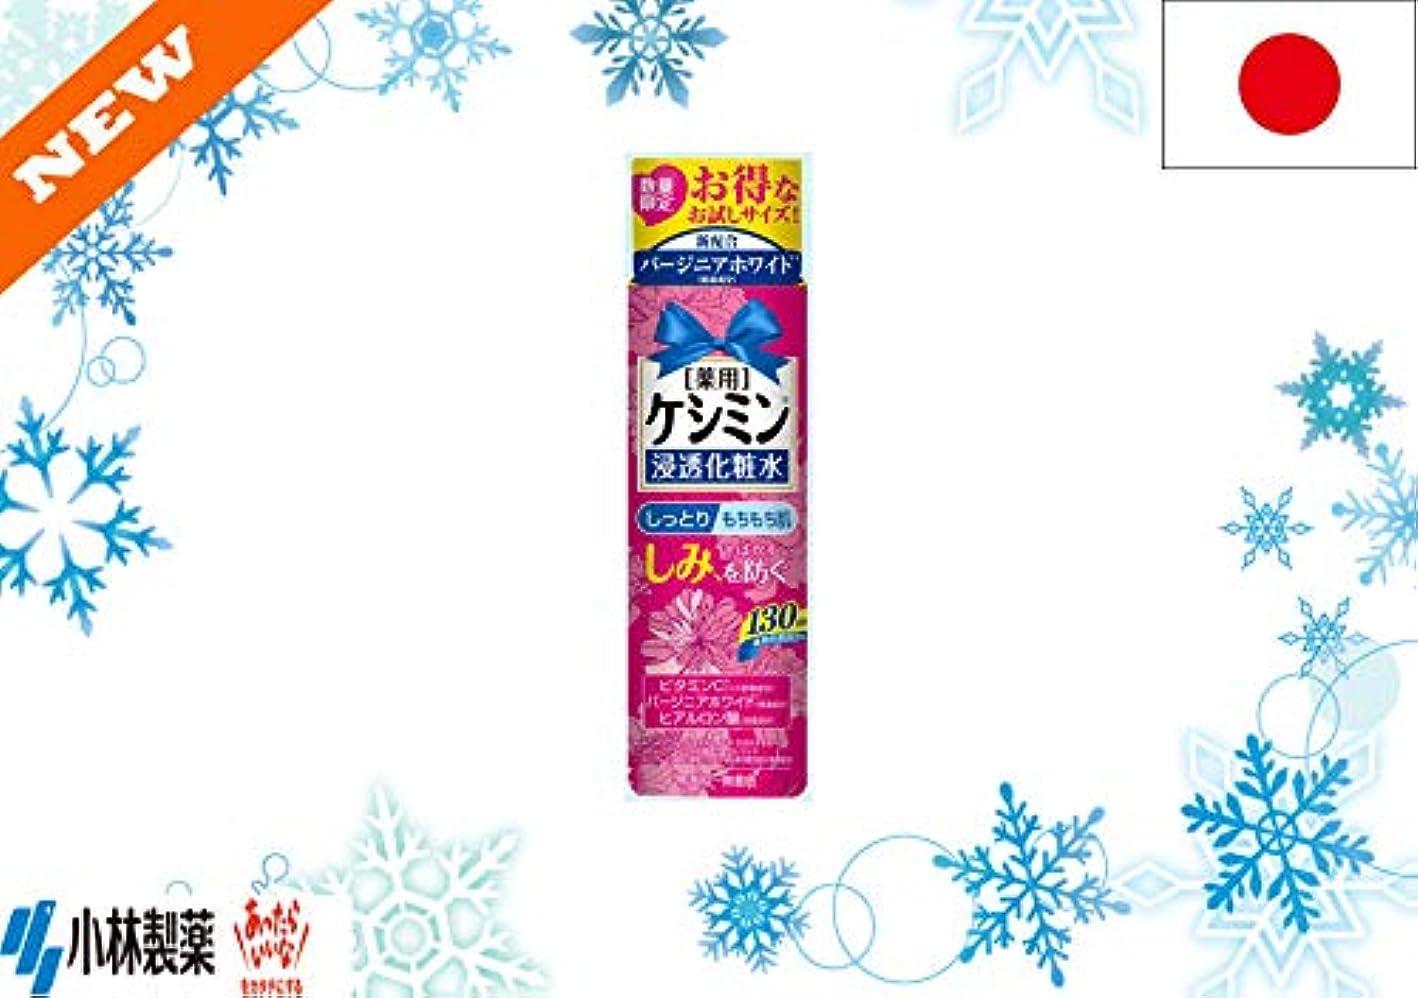 デザート敏感なコスチュームケシミン液 しっとり化粧水 お試しサイズ 本体130mL